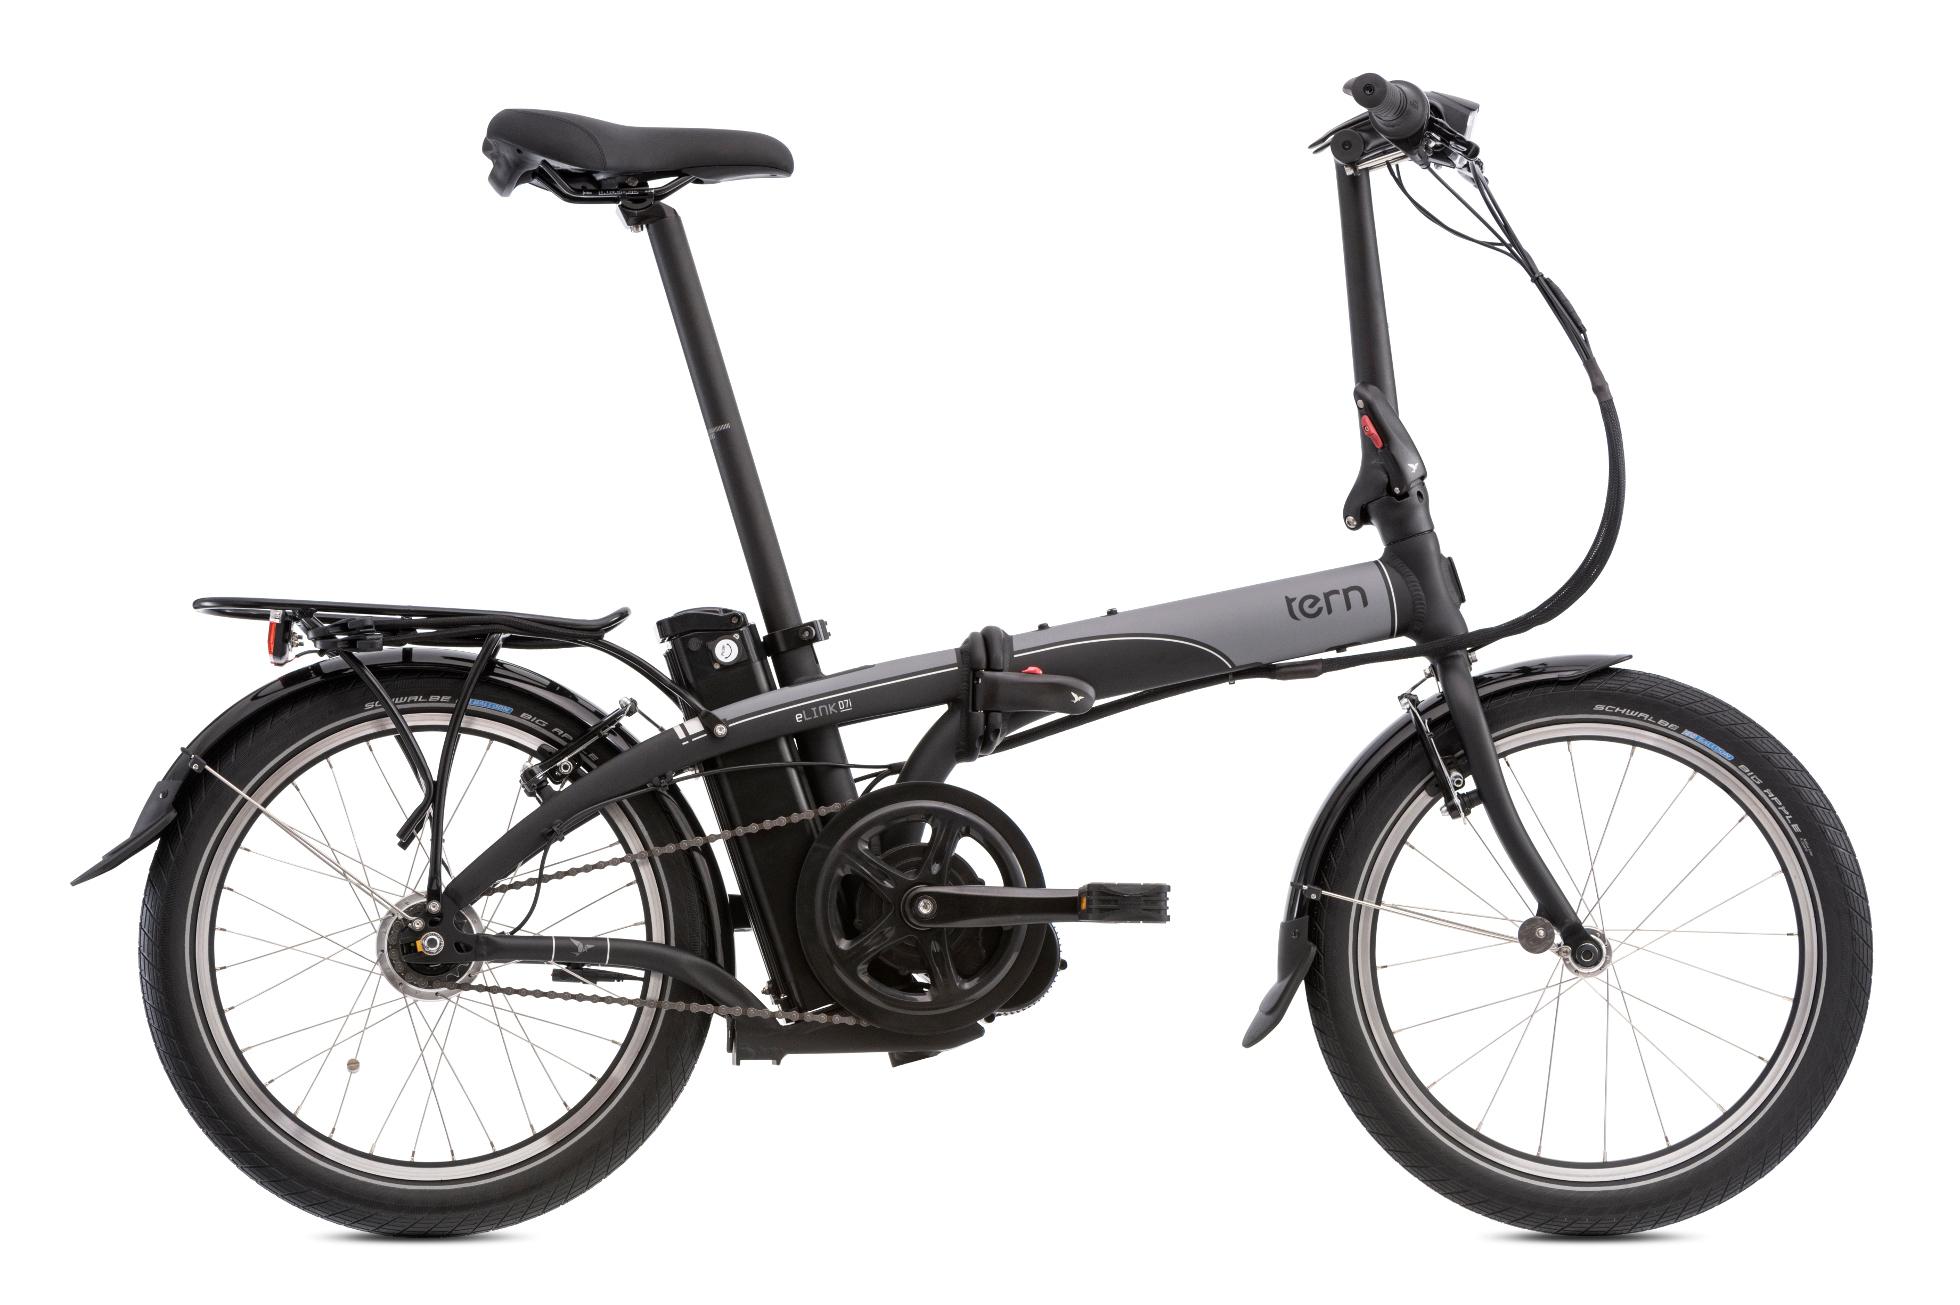 elink tern folding bikes denmark. Black Bedroom Furniture Sets. Home Design Ideas